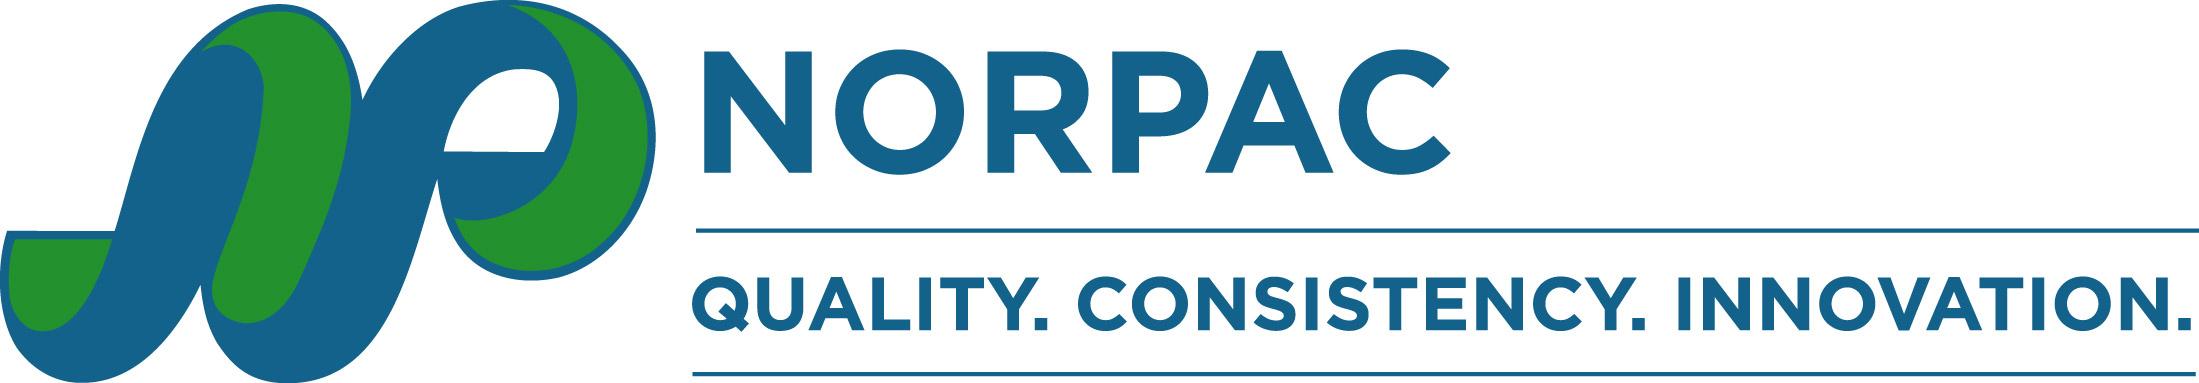 North Pacific Paper Company